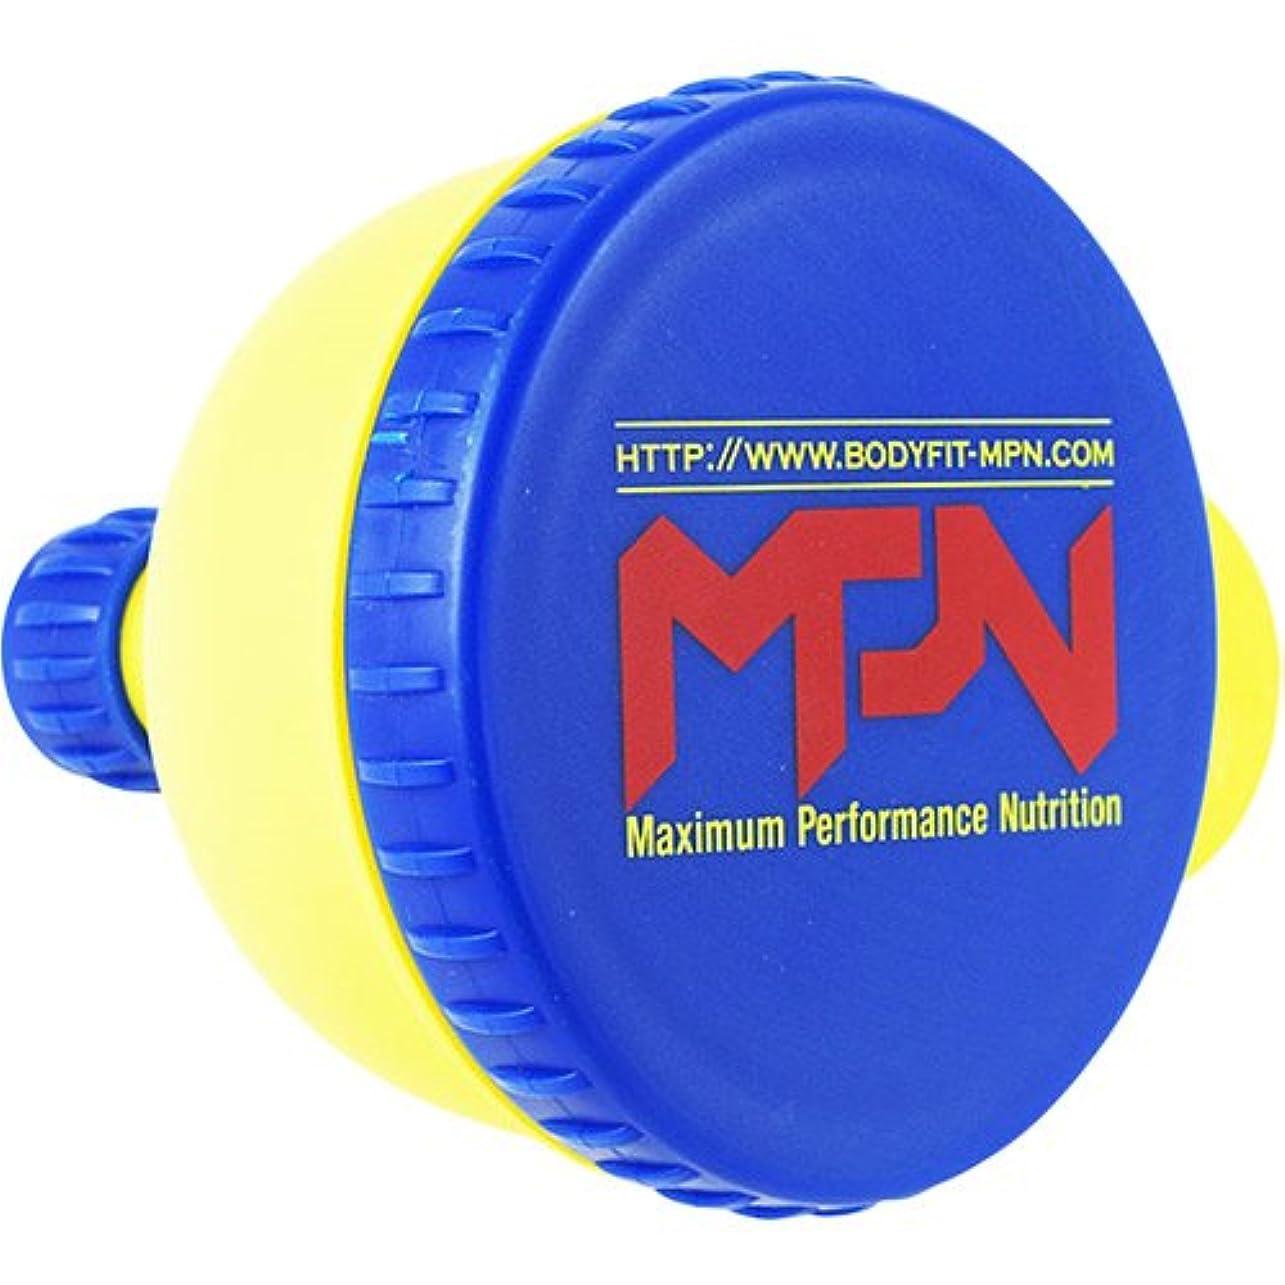 ゆりかご死んでいる磁石ボディフィット MPN ファンネル 粉末サプリメント小分け携帯用漏斗